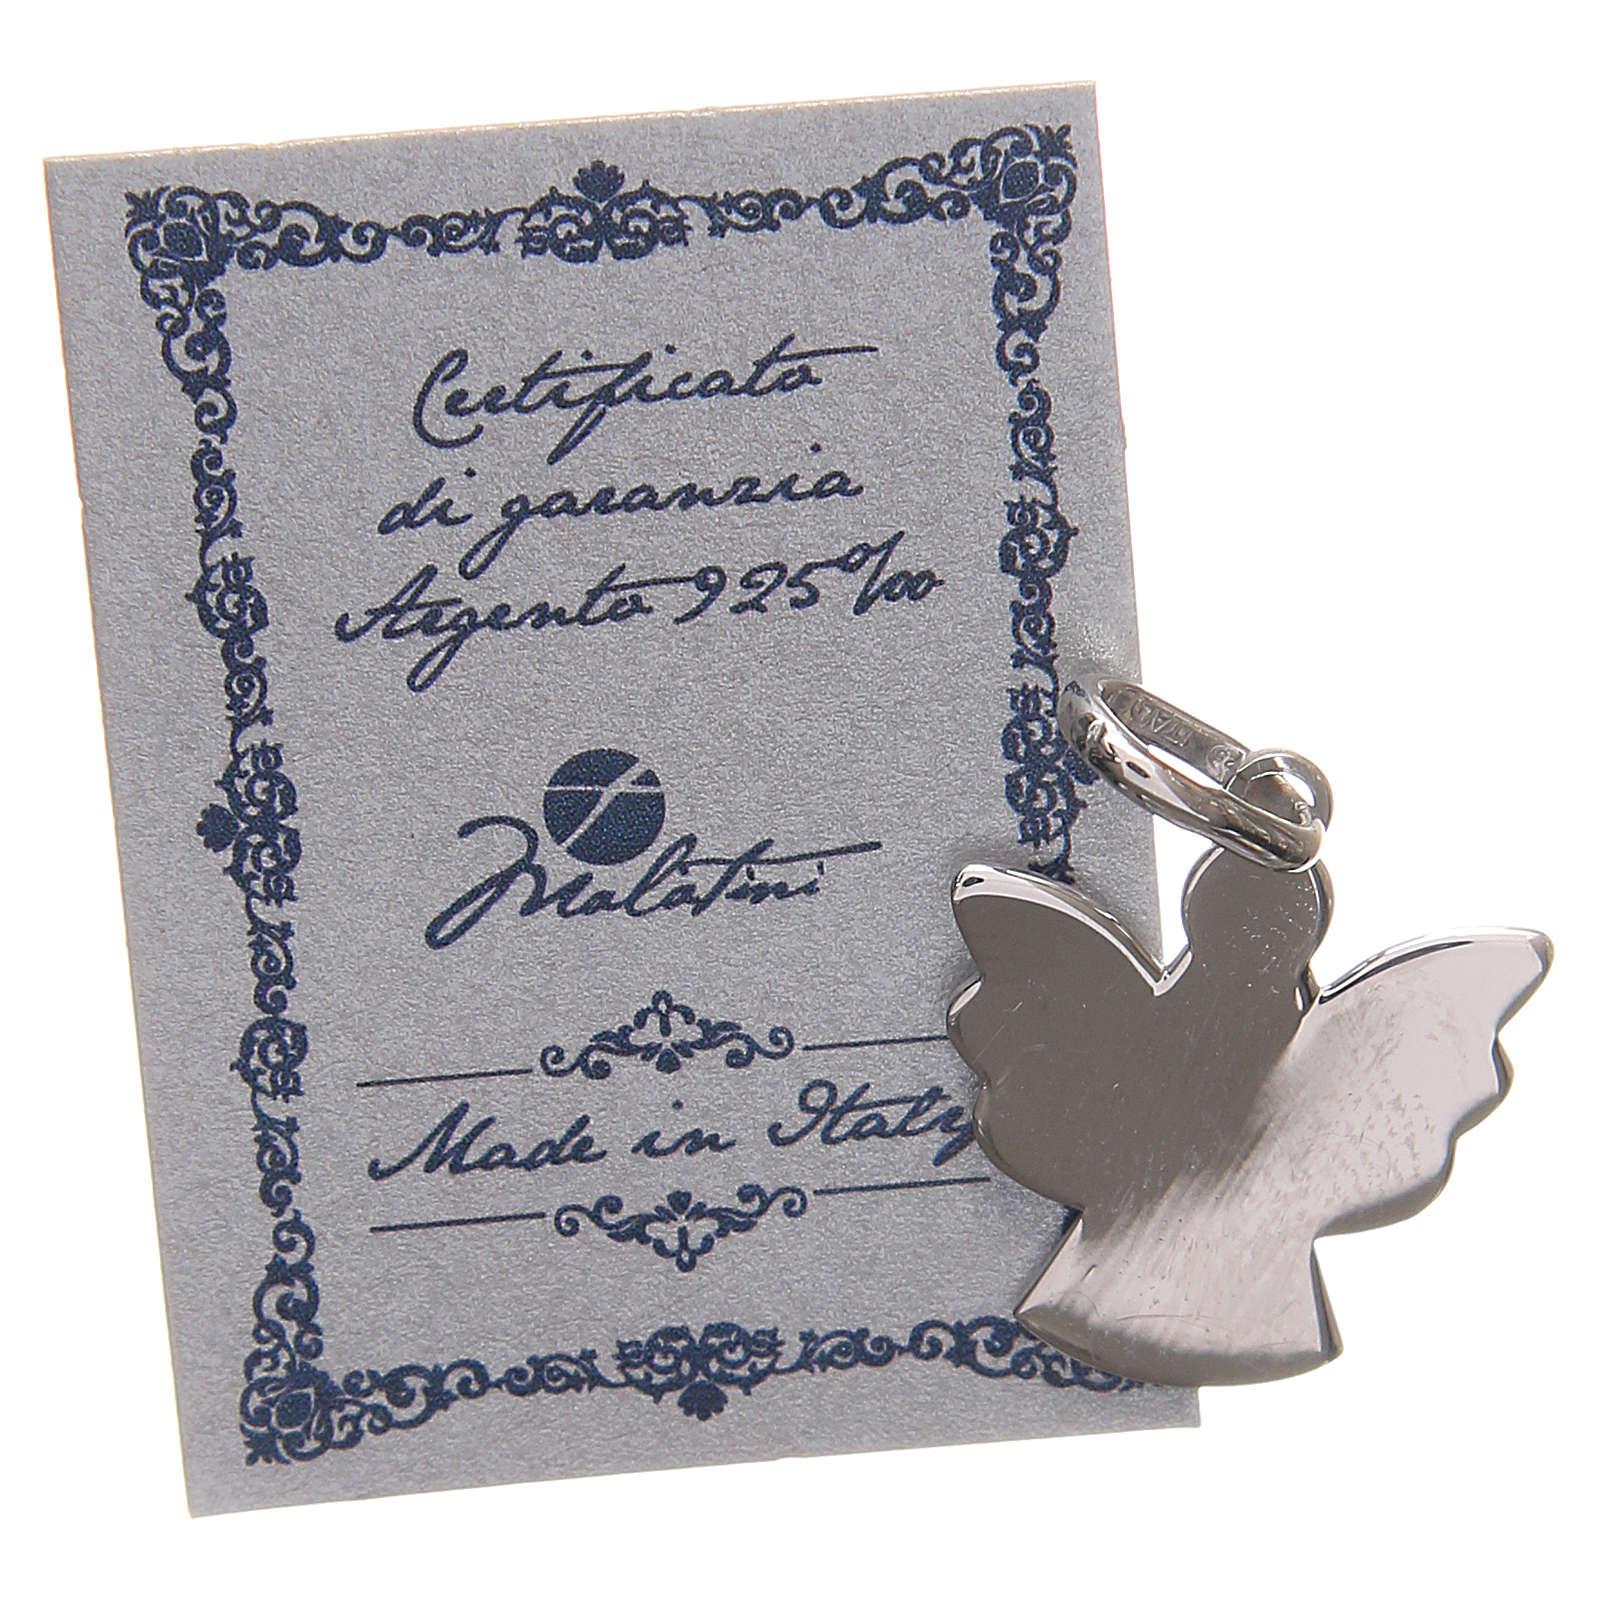 Ciondolo angelo argento 925 con preghiera angelo di Dio 1,7 cm 4